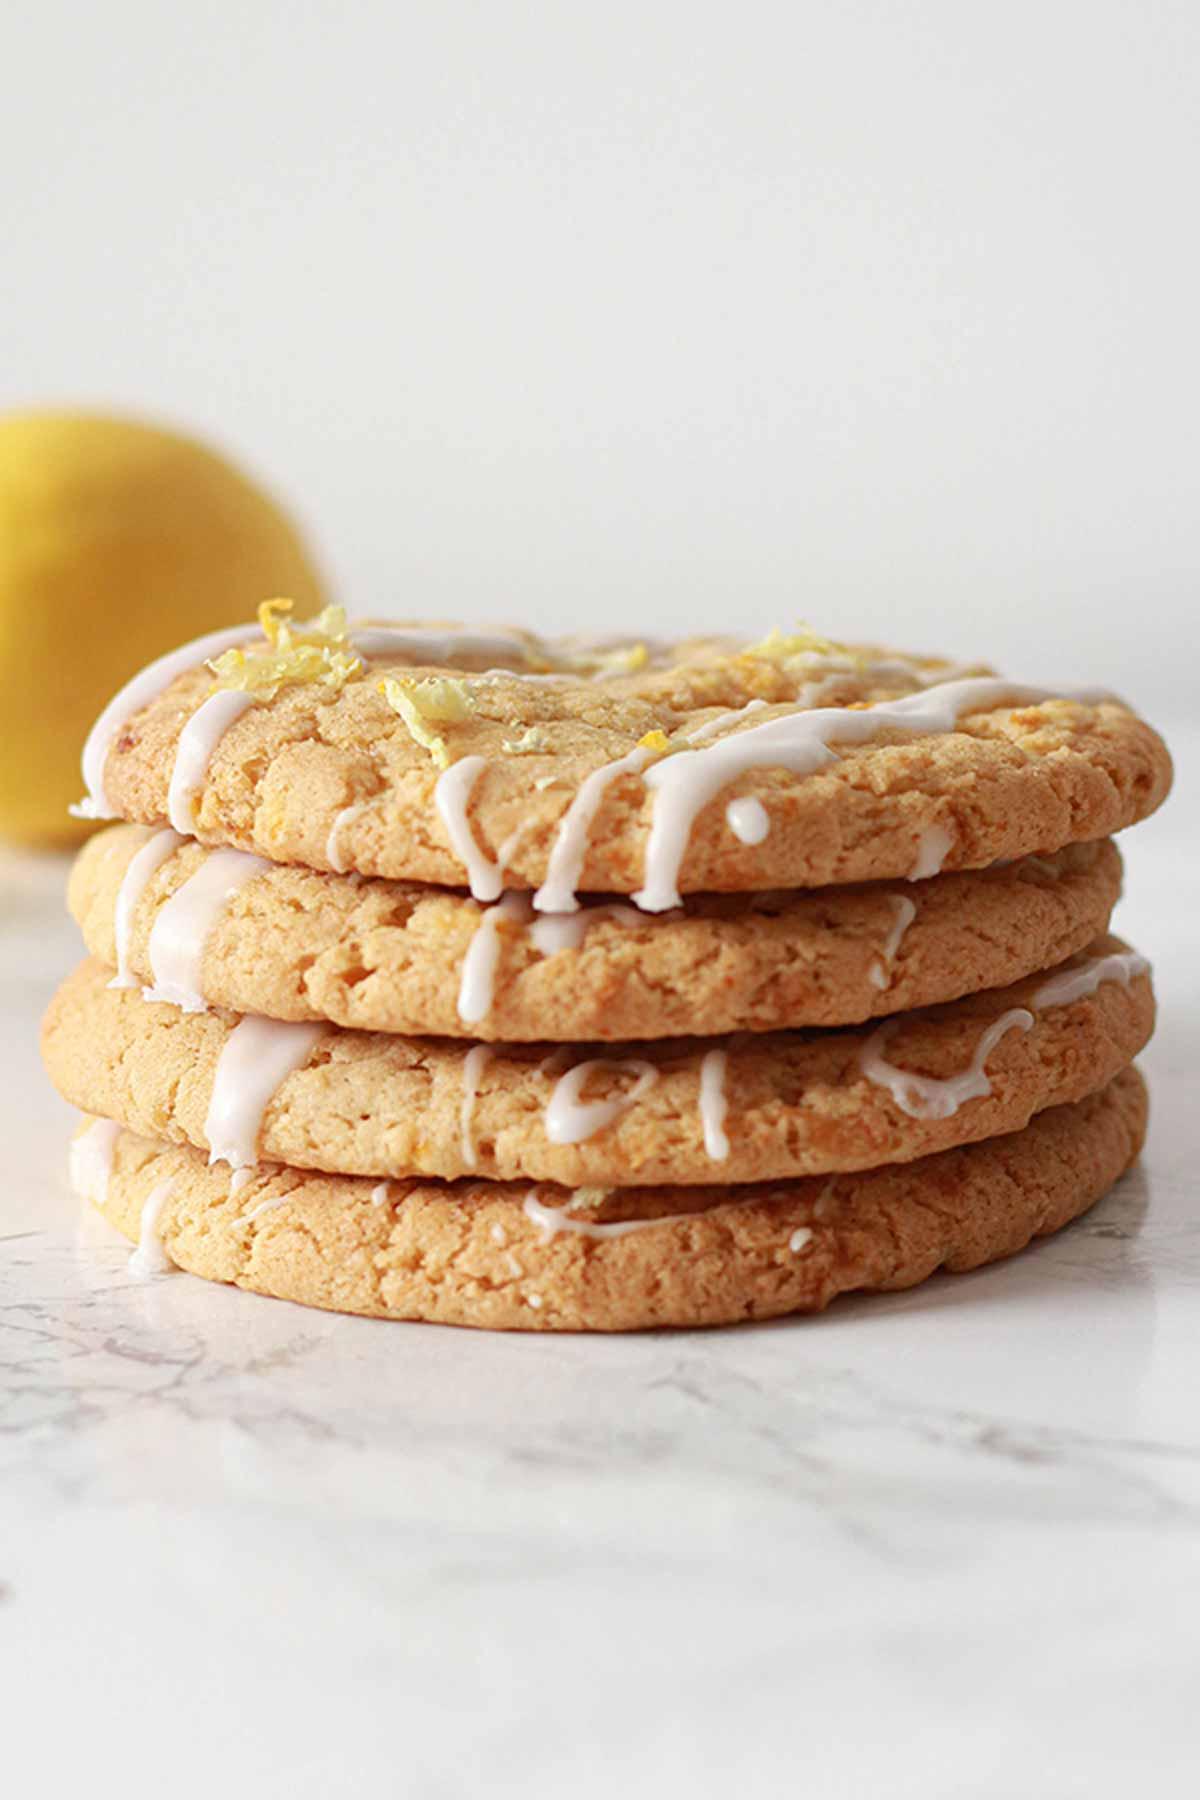 Stack Of 4 Lemon Drizzle vegan Cookies